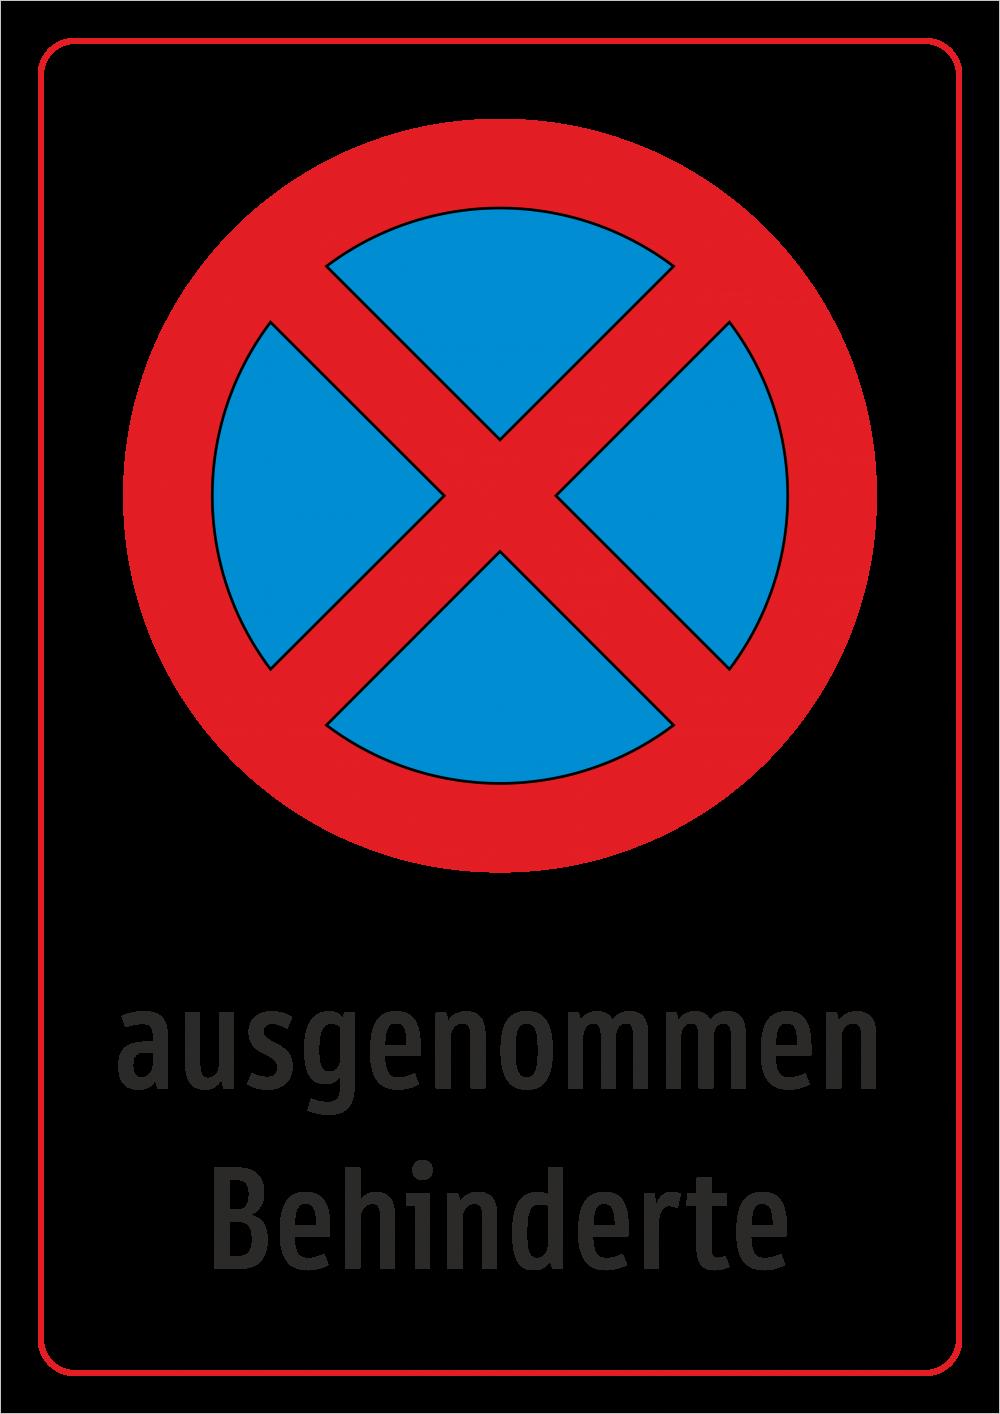 Halten und Parken verboten! Ausgenommen Behinderte